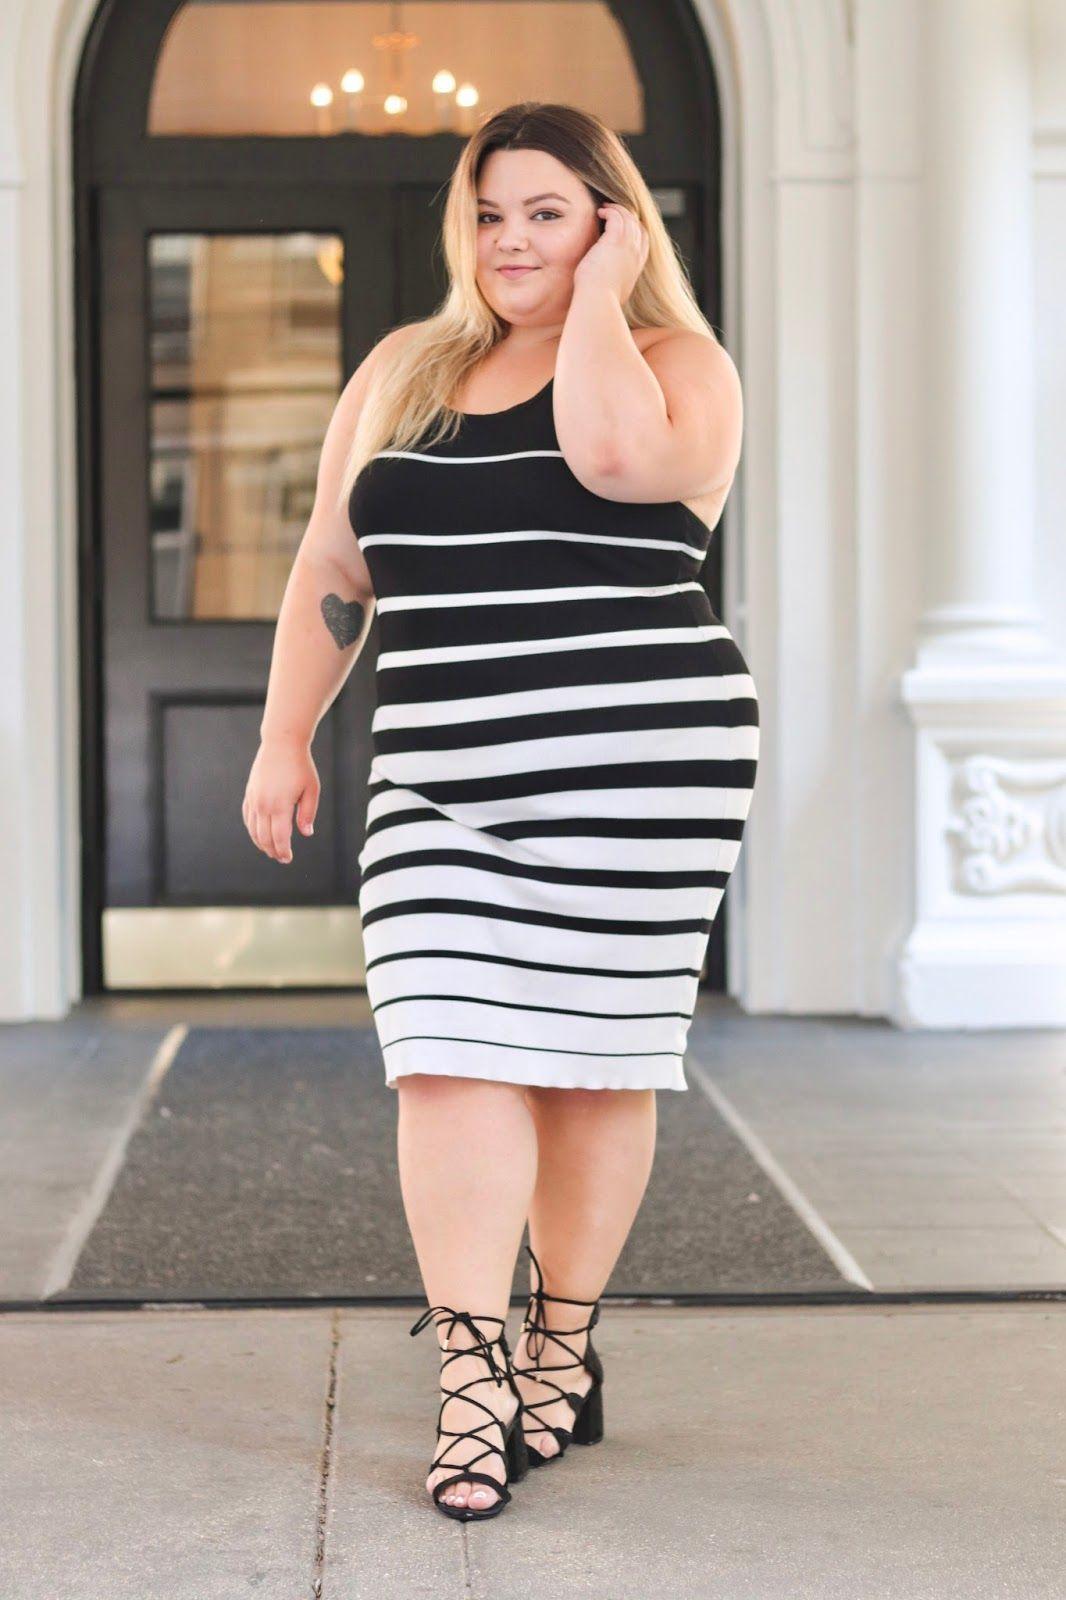 f72df8c9437 Chicago plus size fashion blogger Natalie Craig reviews Fashion Nova Curve s  Enzo Knot Dress and discusses why plus size women should wear stripes!